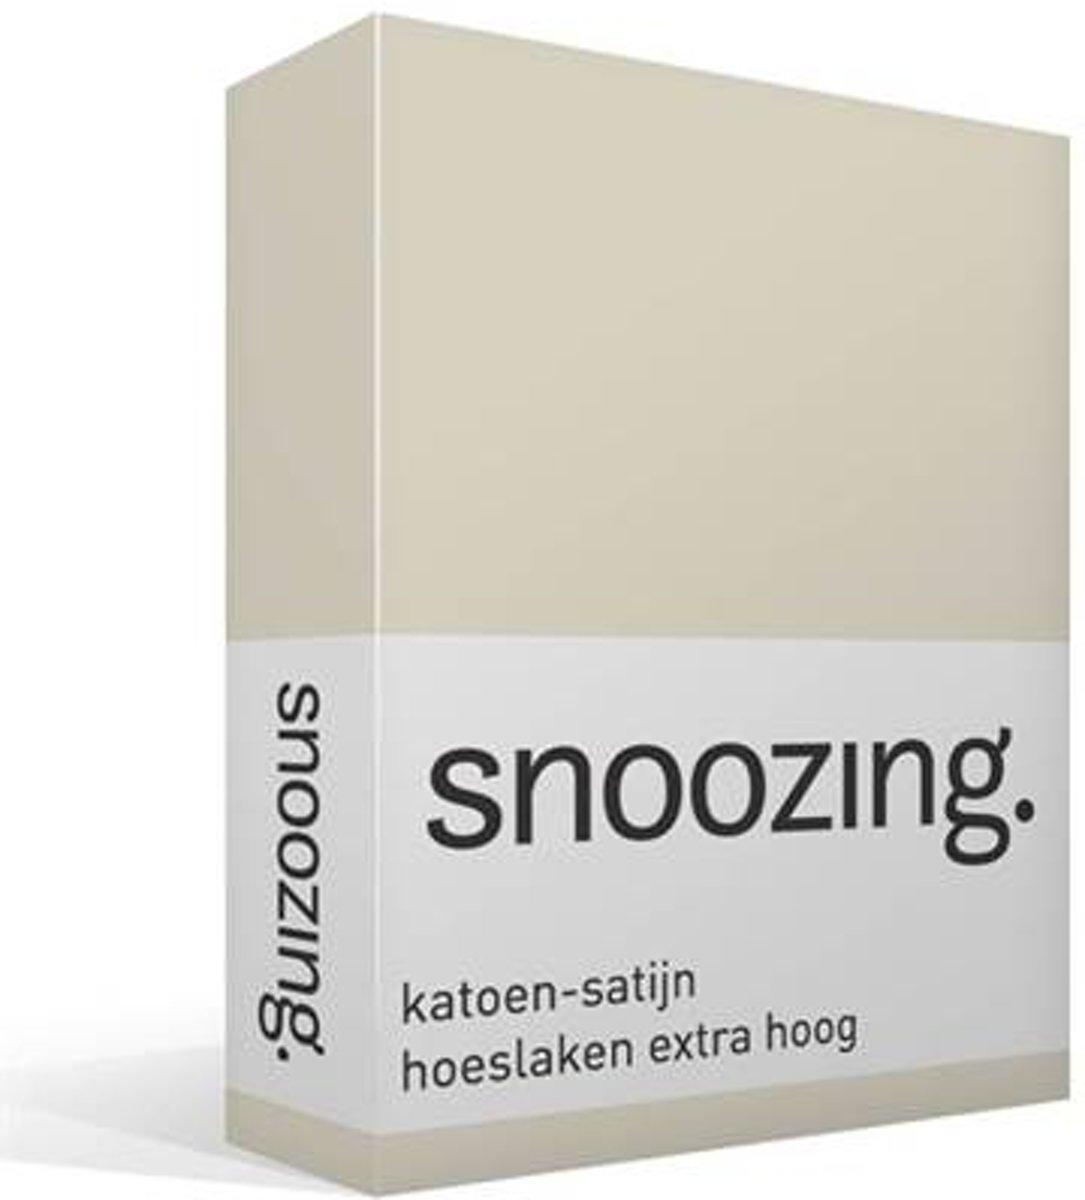 Snoozing - Katoen-satijn - Hoeslaken - Extra Hoog - Eenpersoons - 80x220 cm - Ivoor kopen